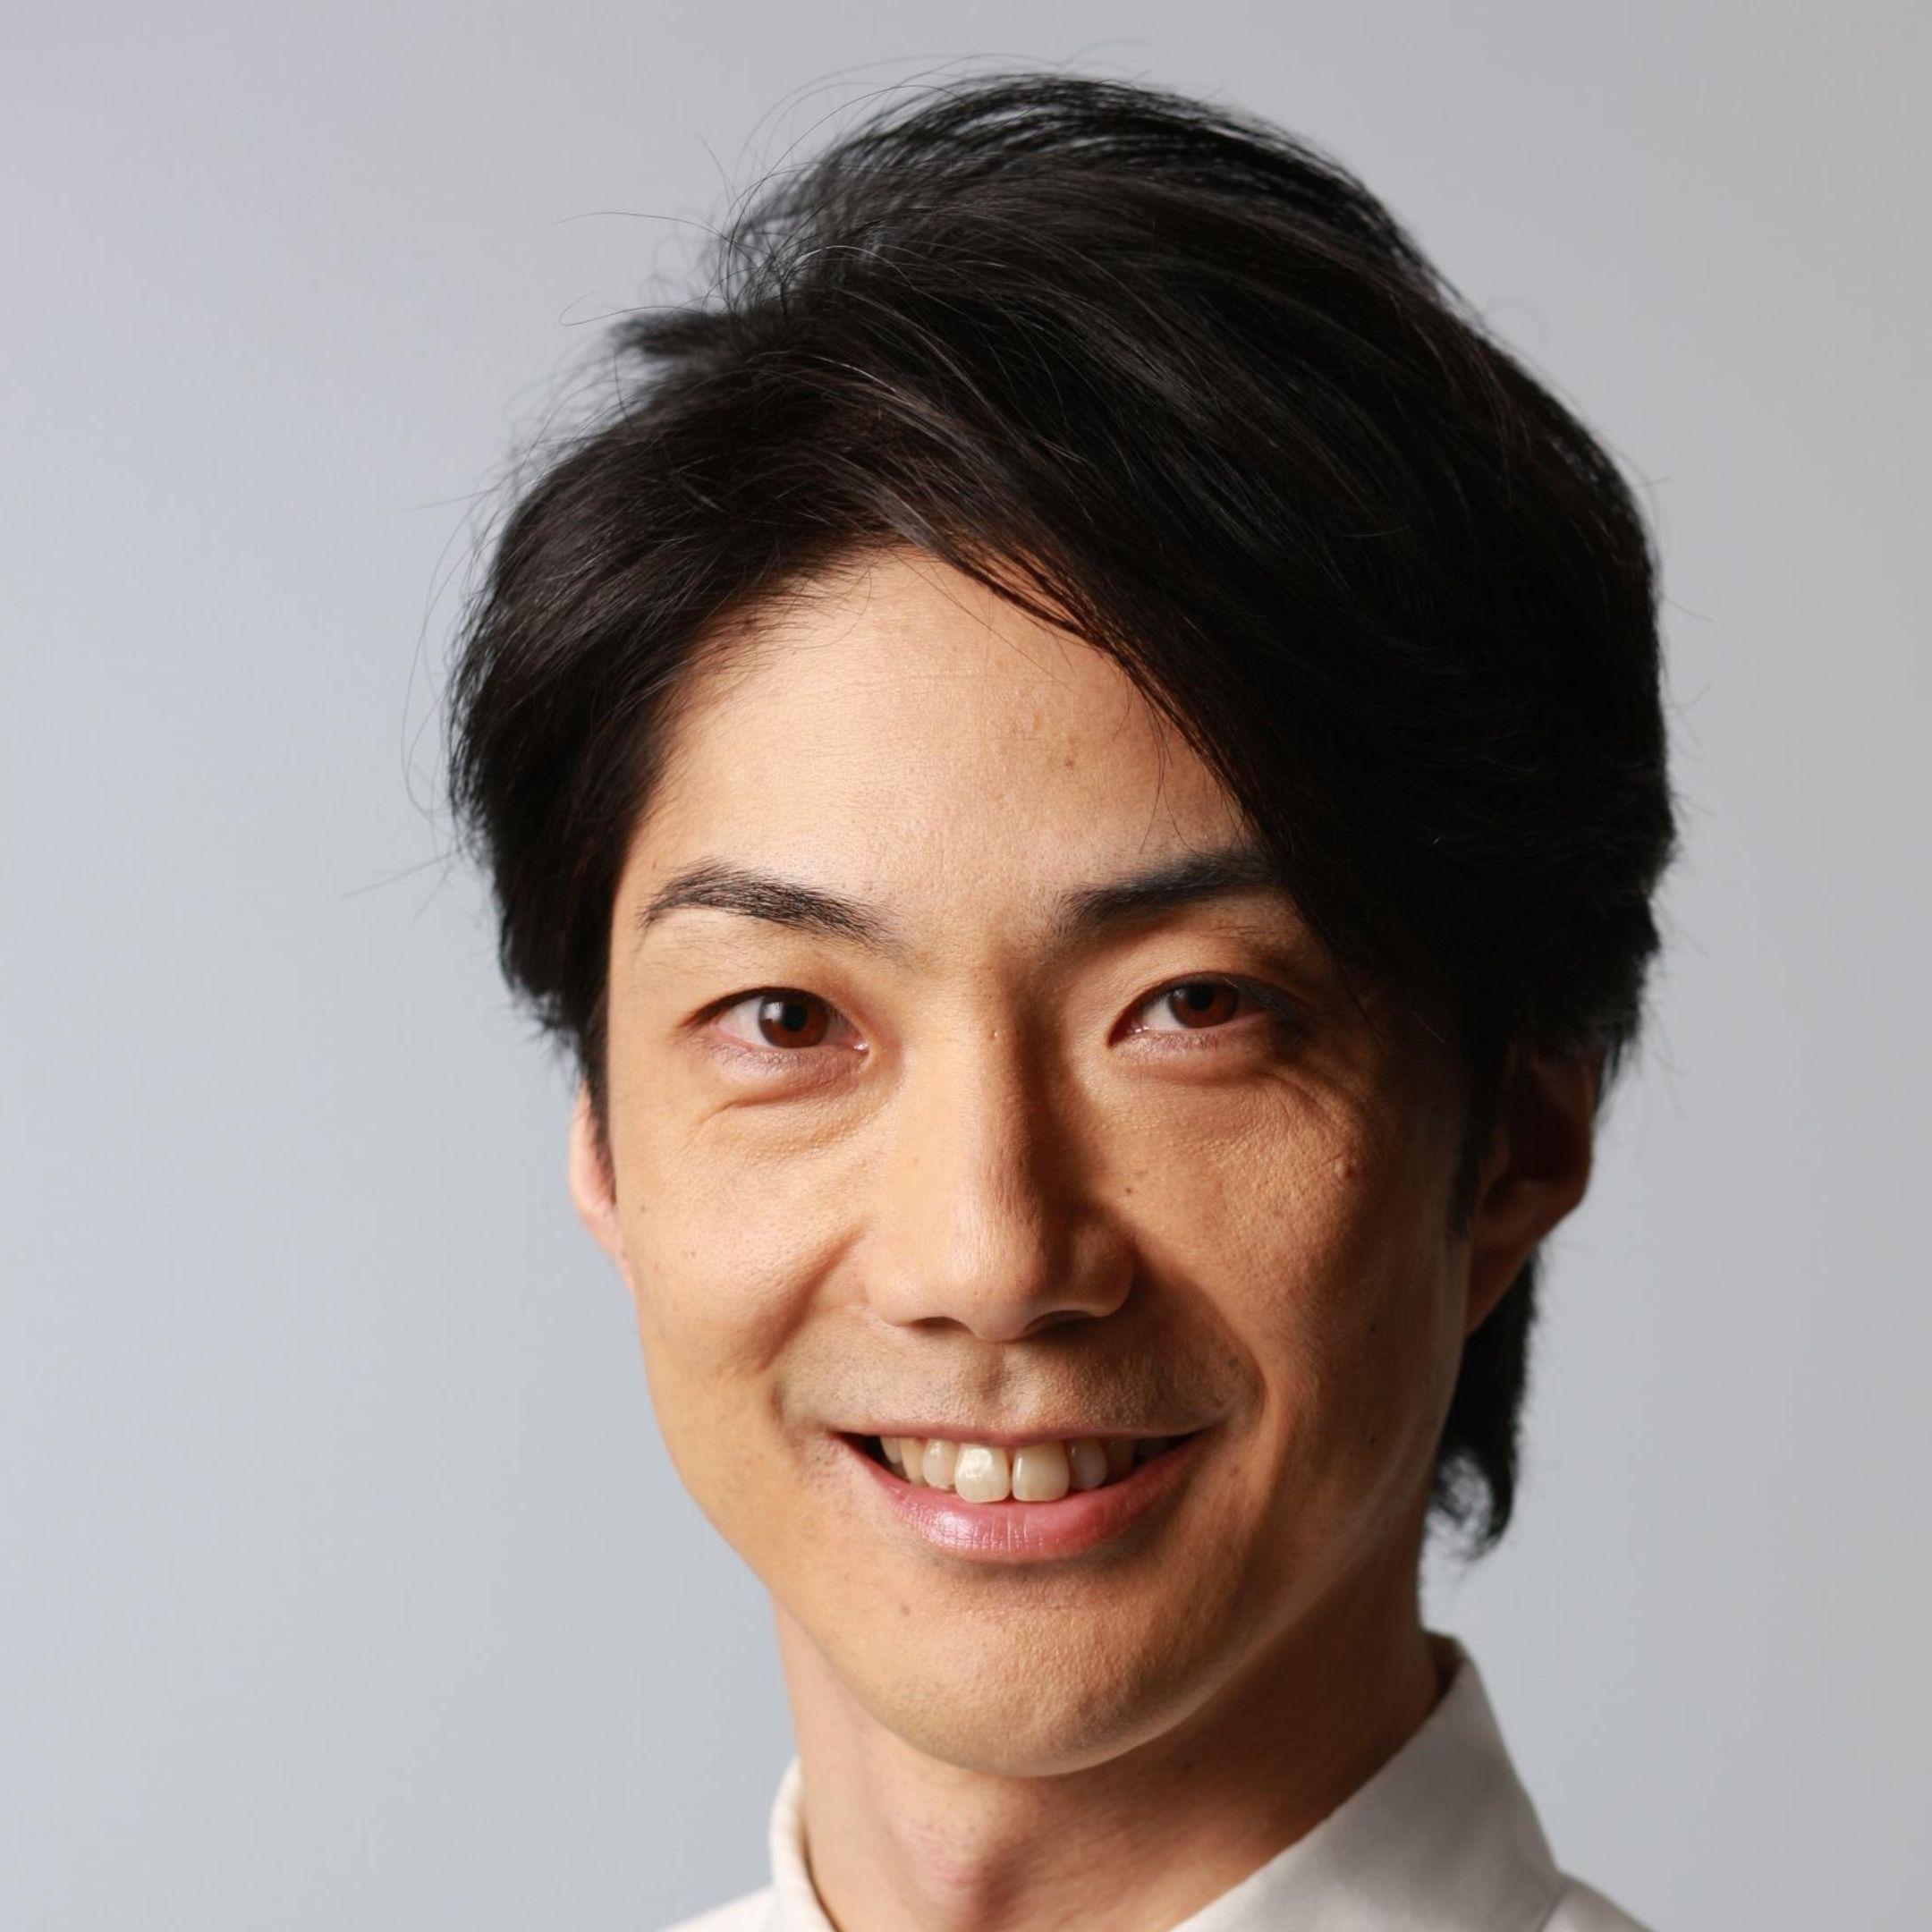 011「職業、野村萬斎」